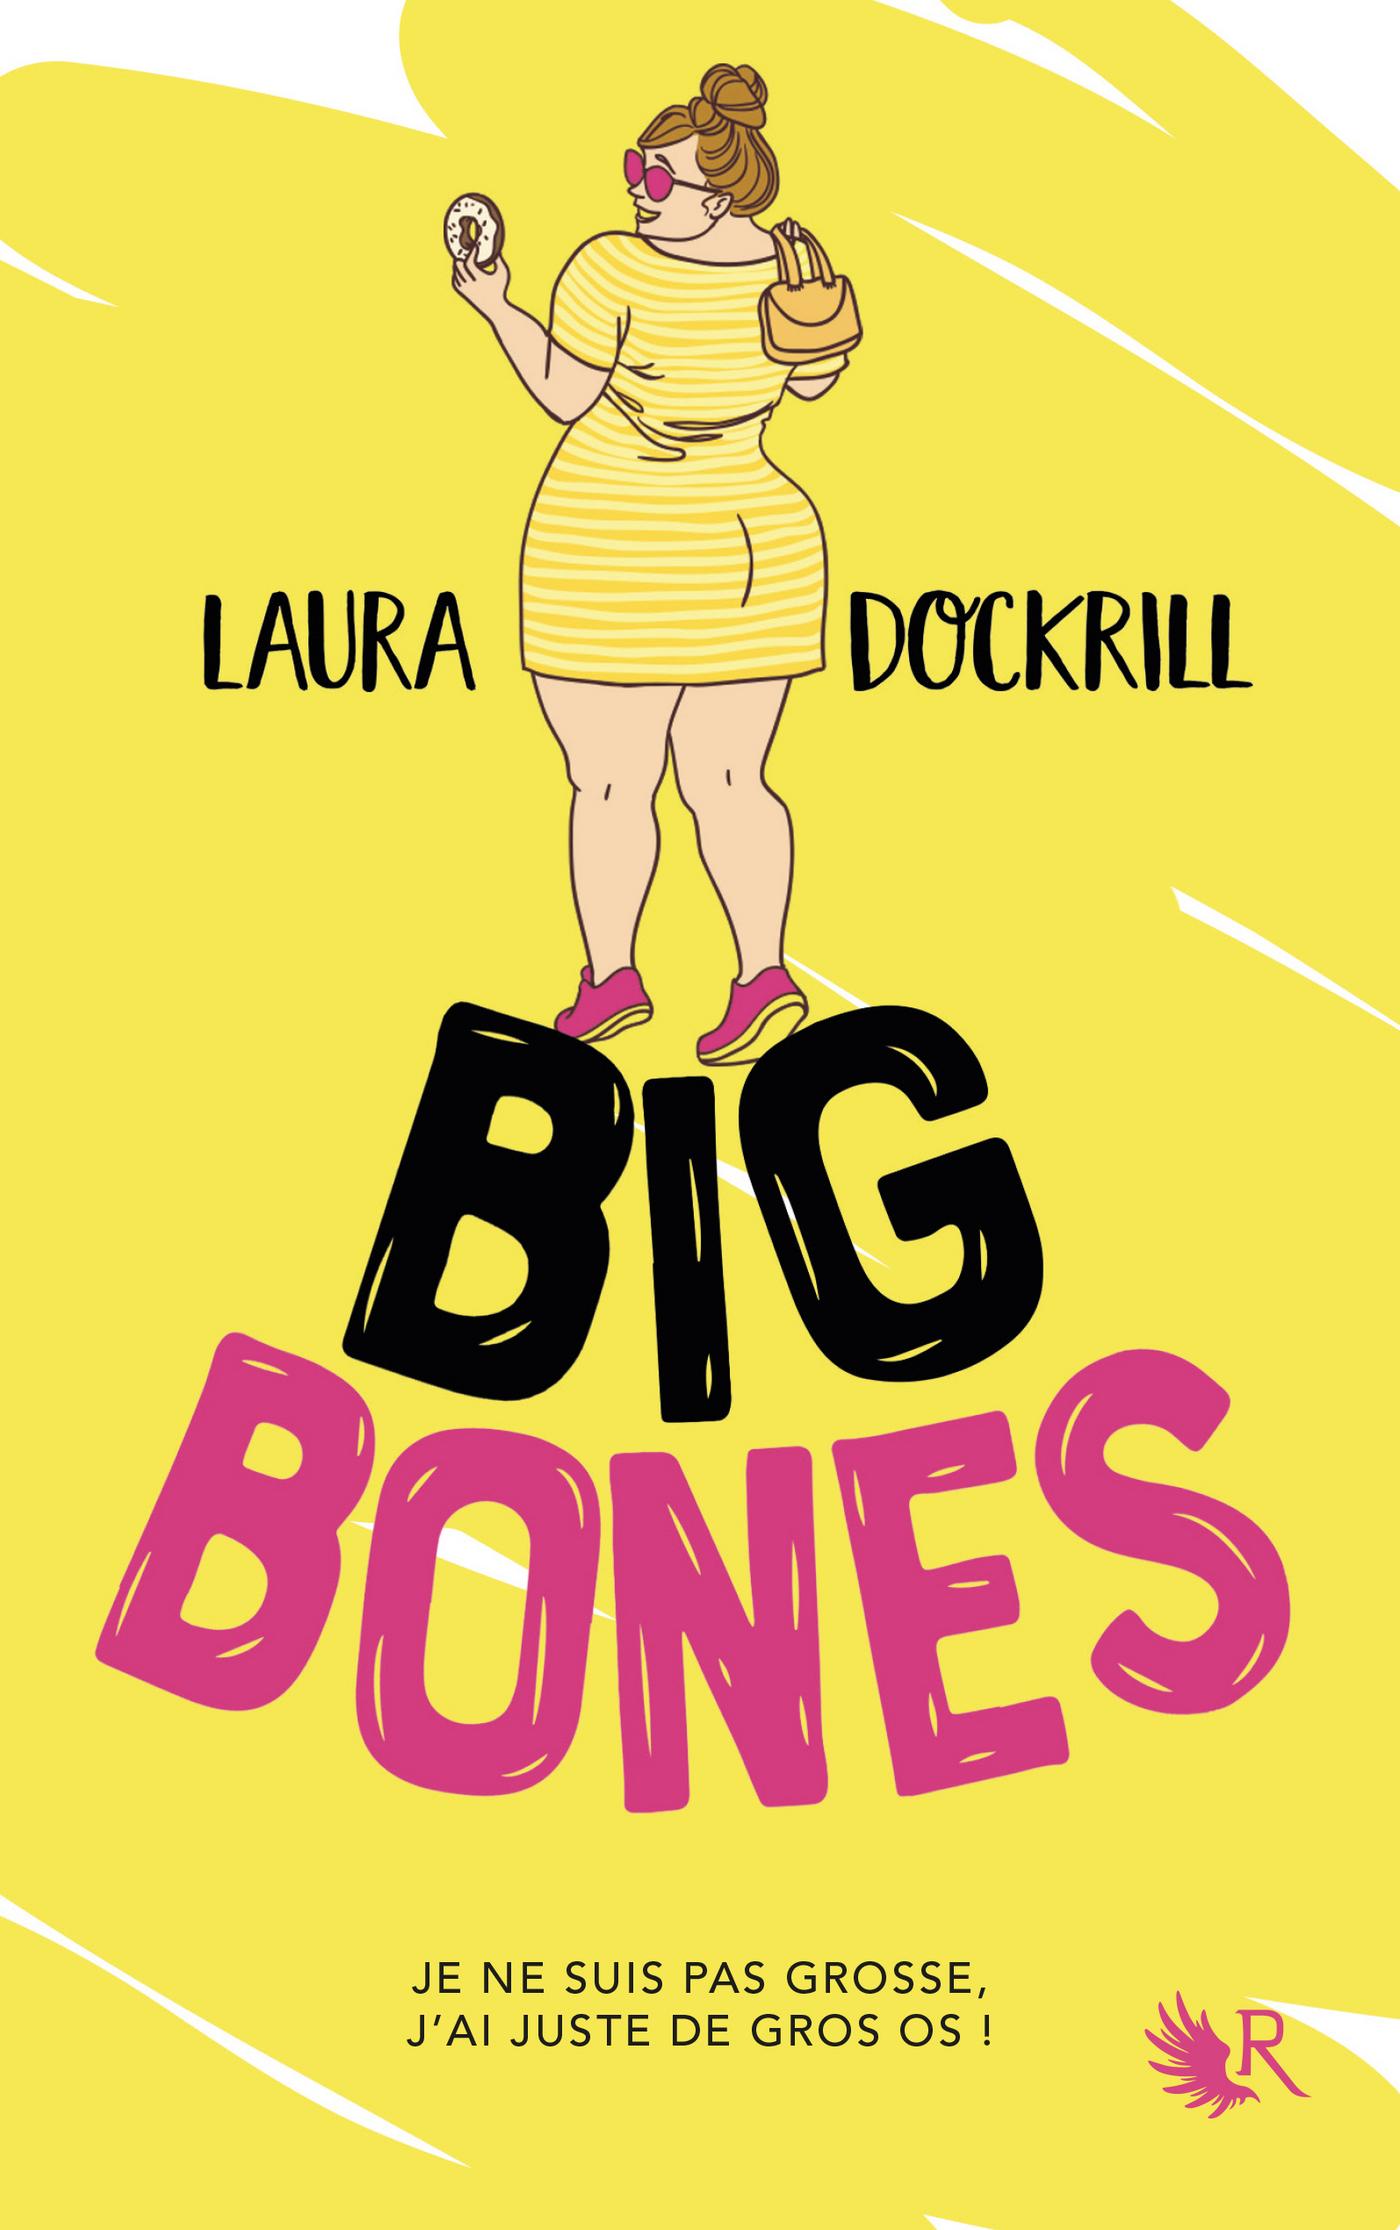 Big Bones - Édition française | DOCKRILL, Laura